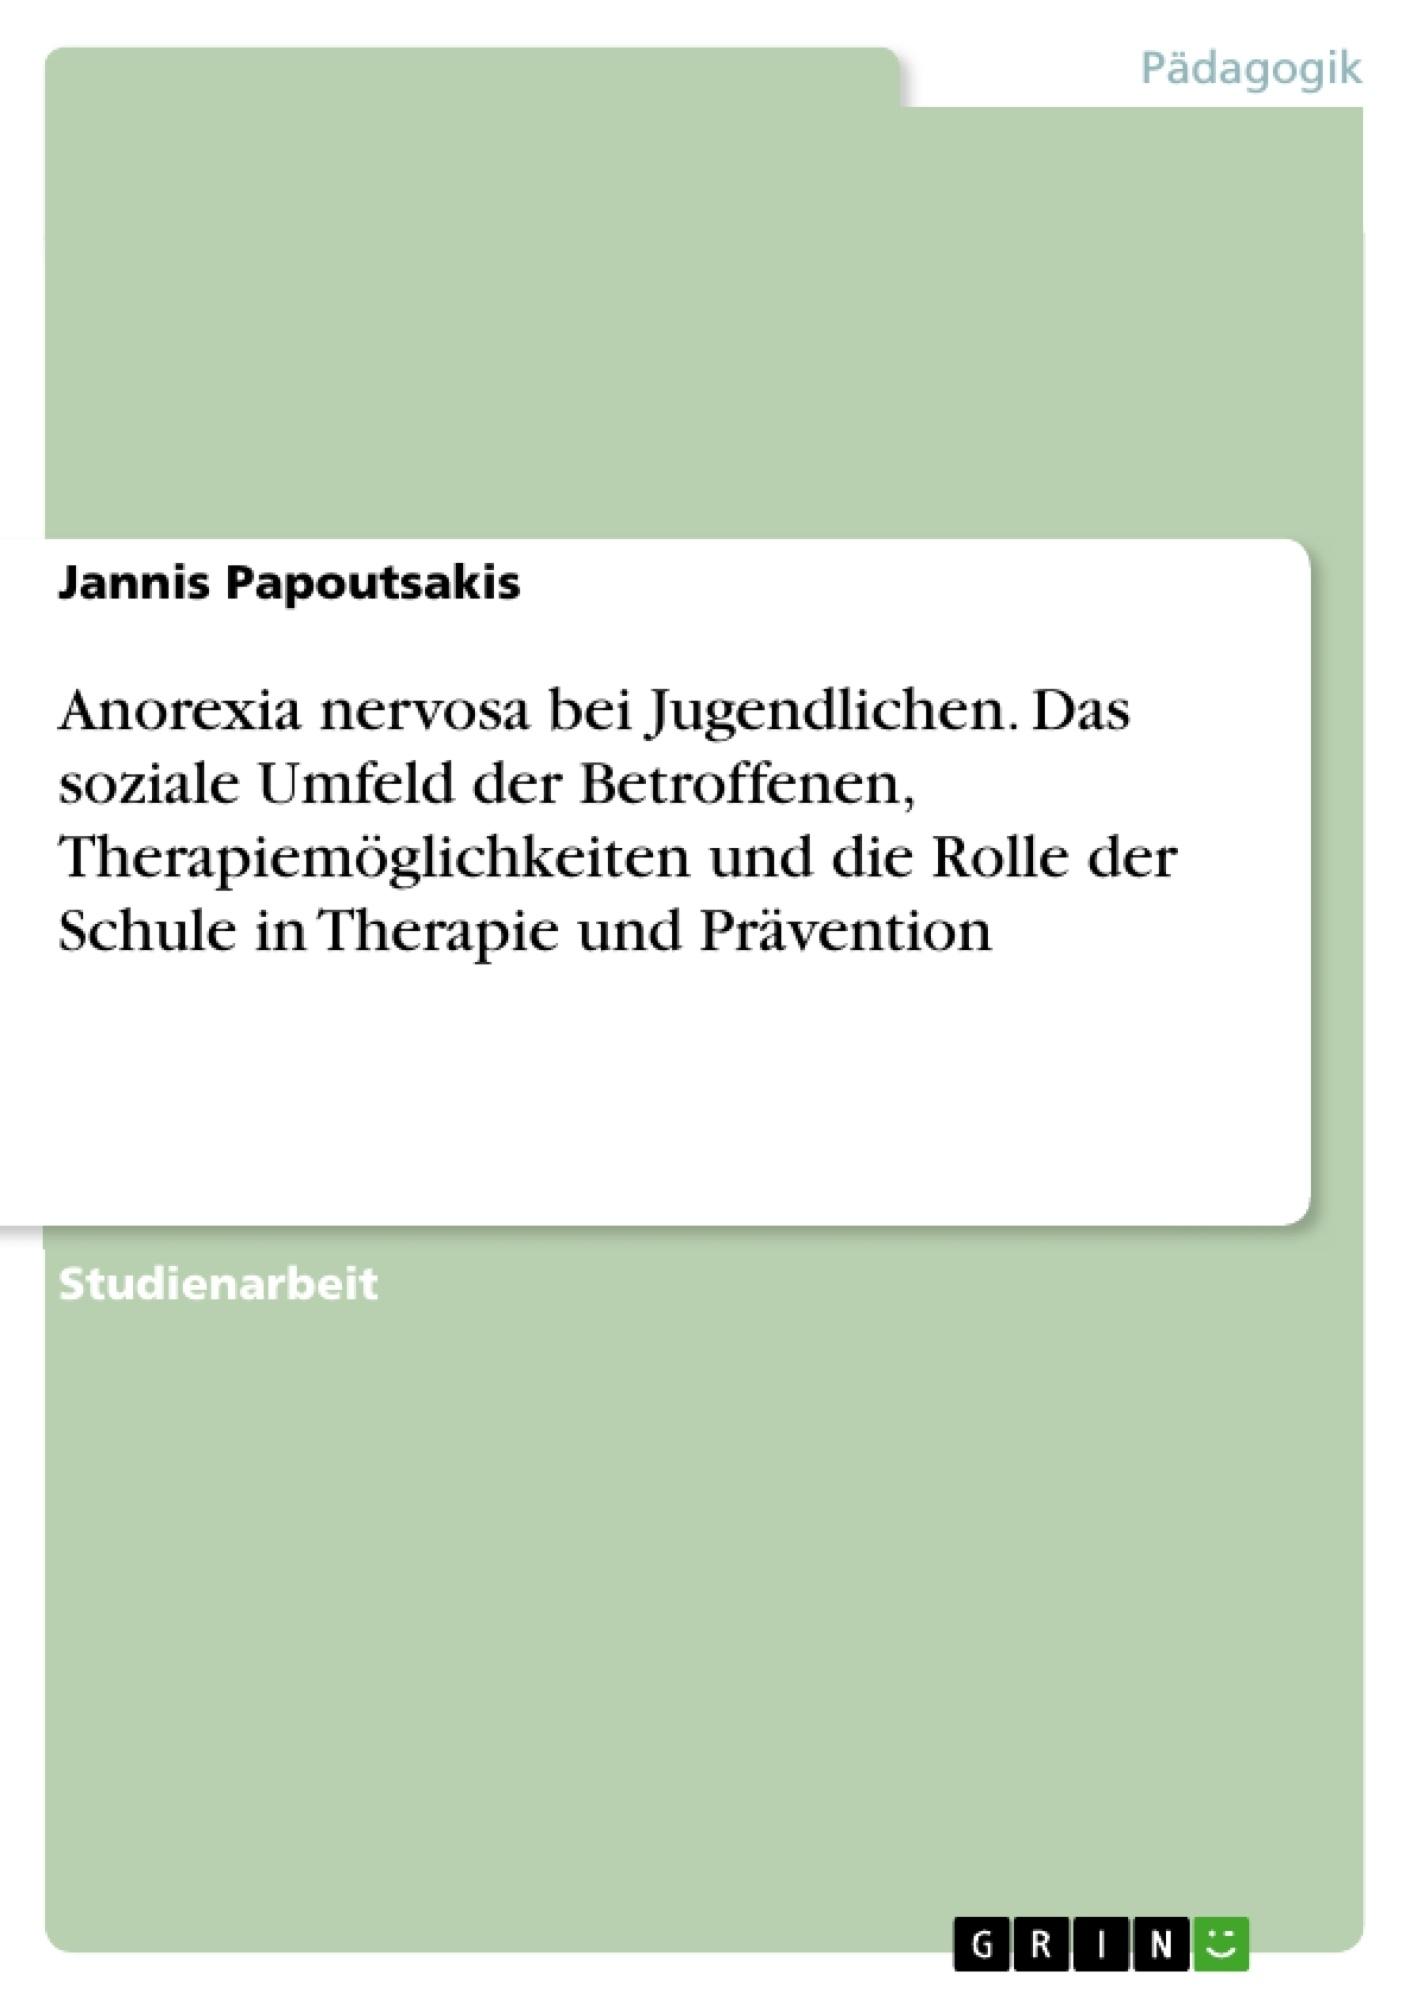 Titel: Anorexia nervosa bei Jugendlichen. Das soziale Umfeld der Betroffenen, Therapiemöglichkeiten und die Rolle der Schule in Therapie und Prävention